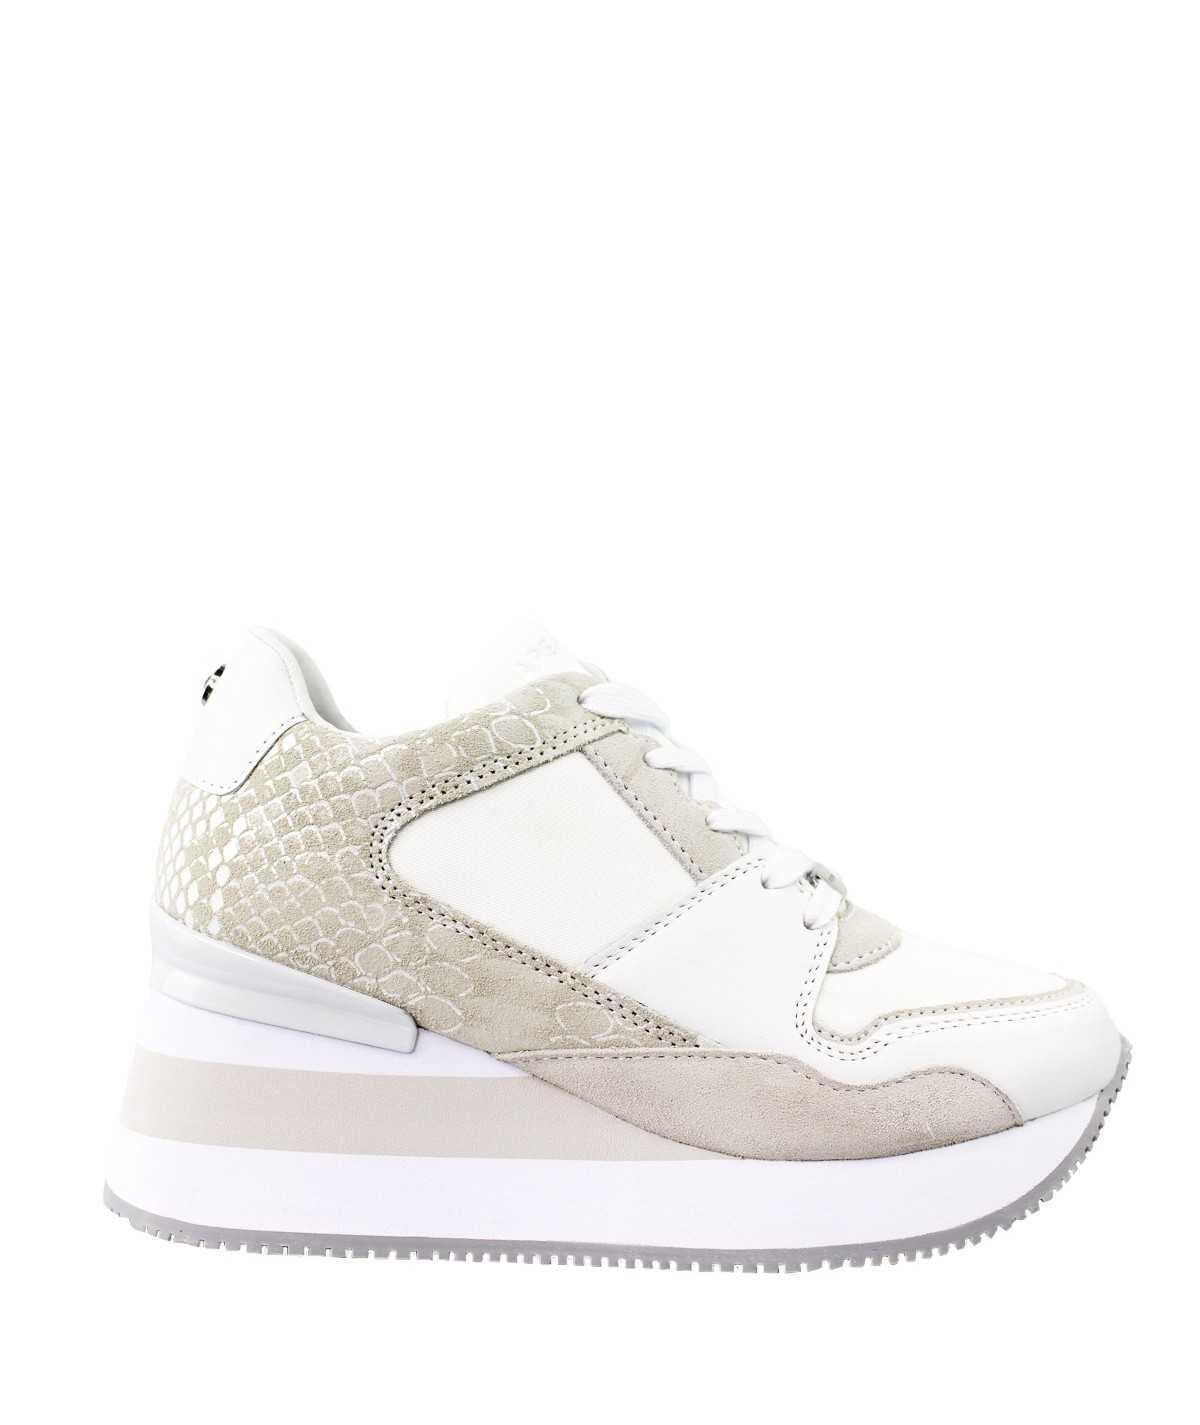 APEPAZZA Sneakers con zeppa